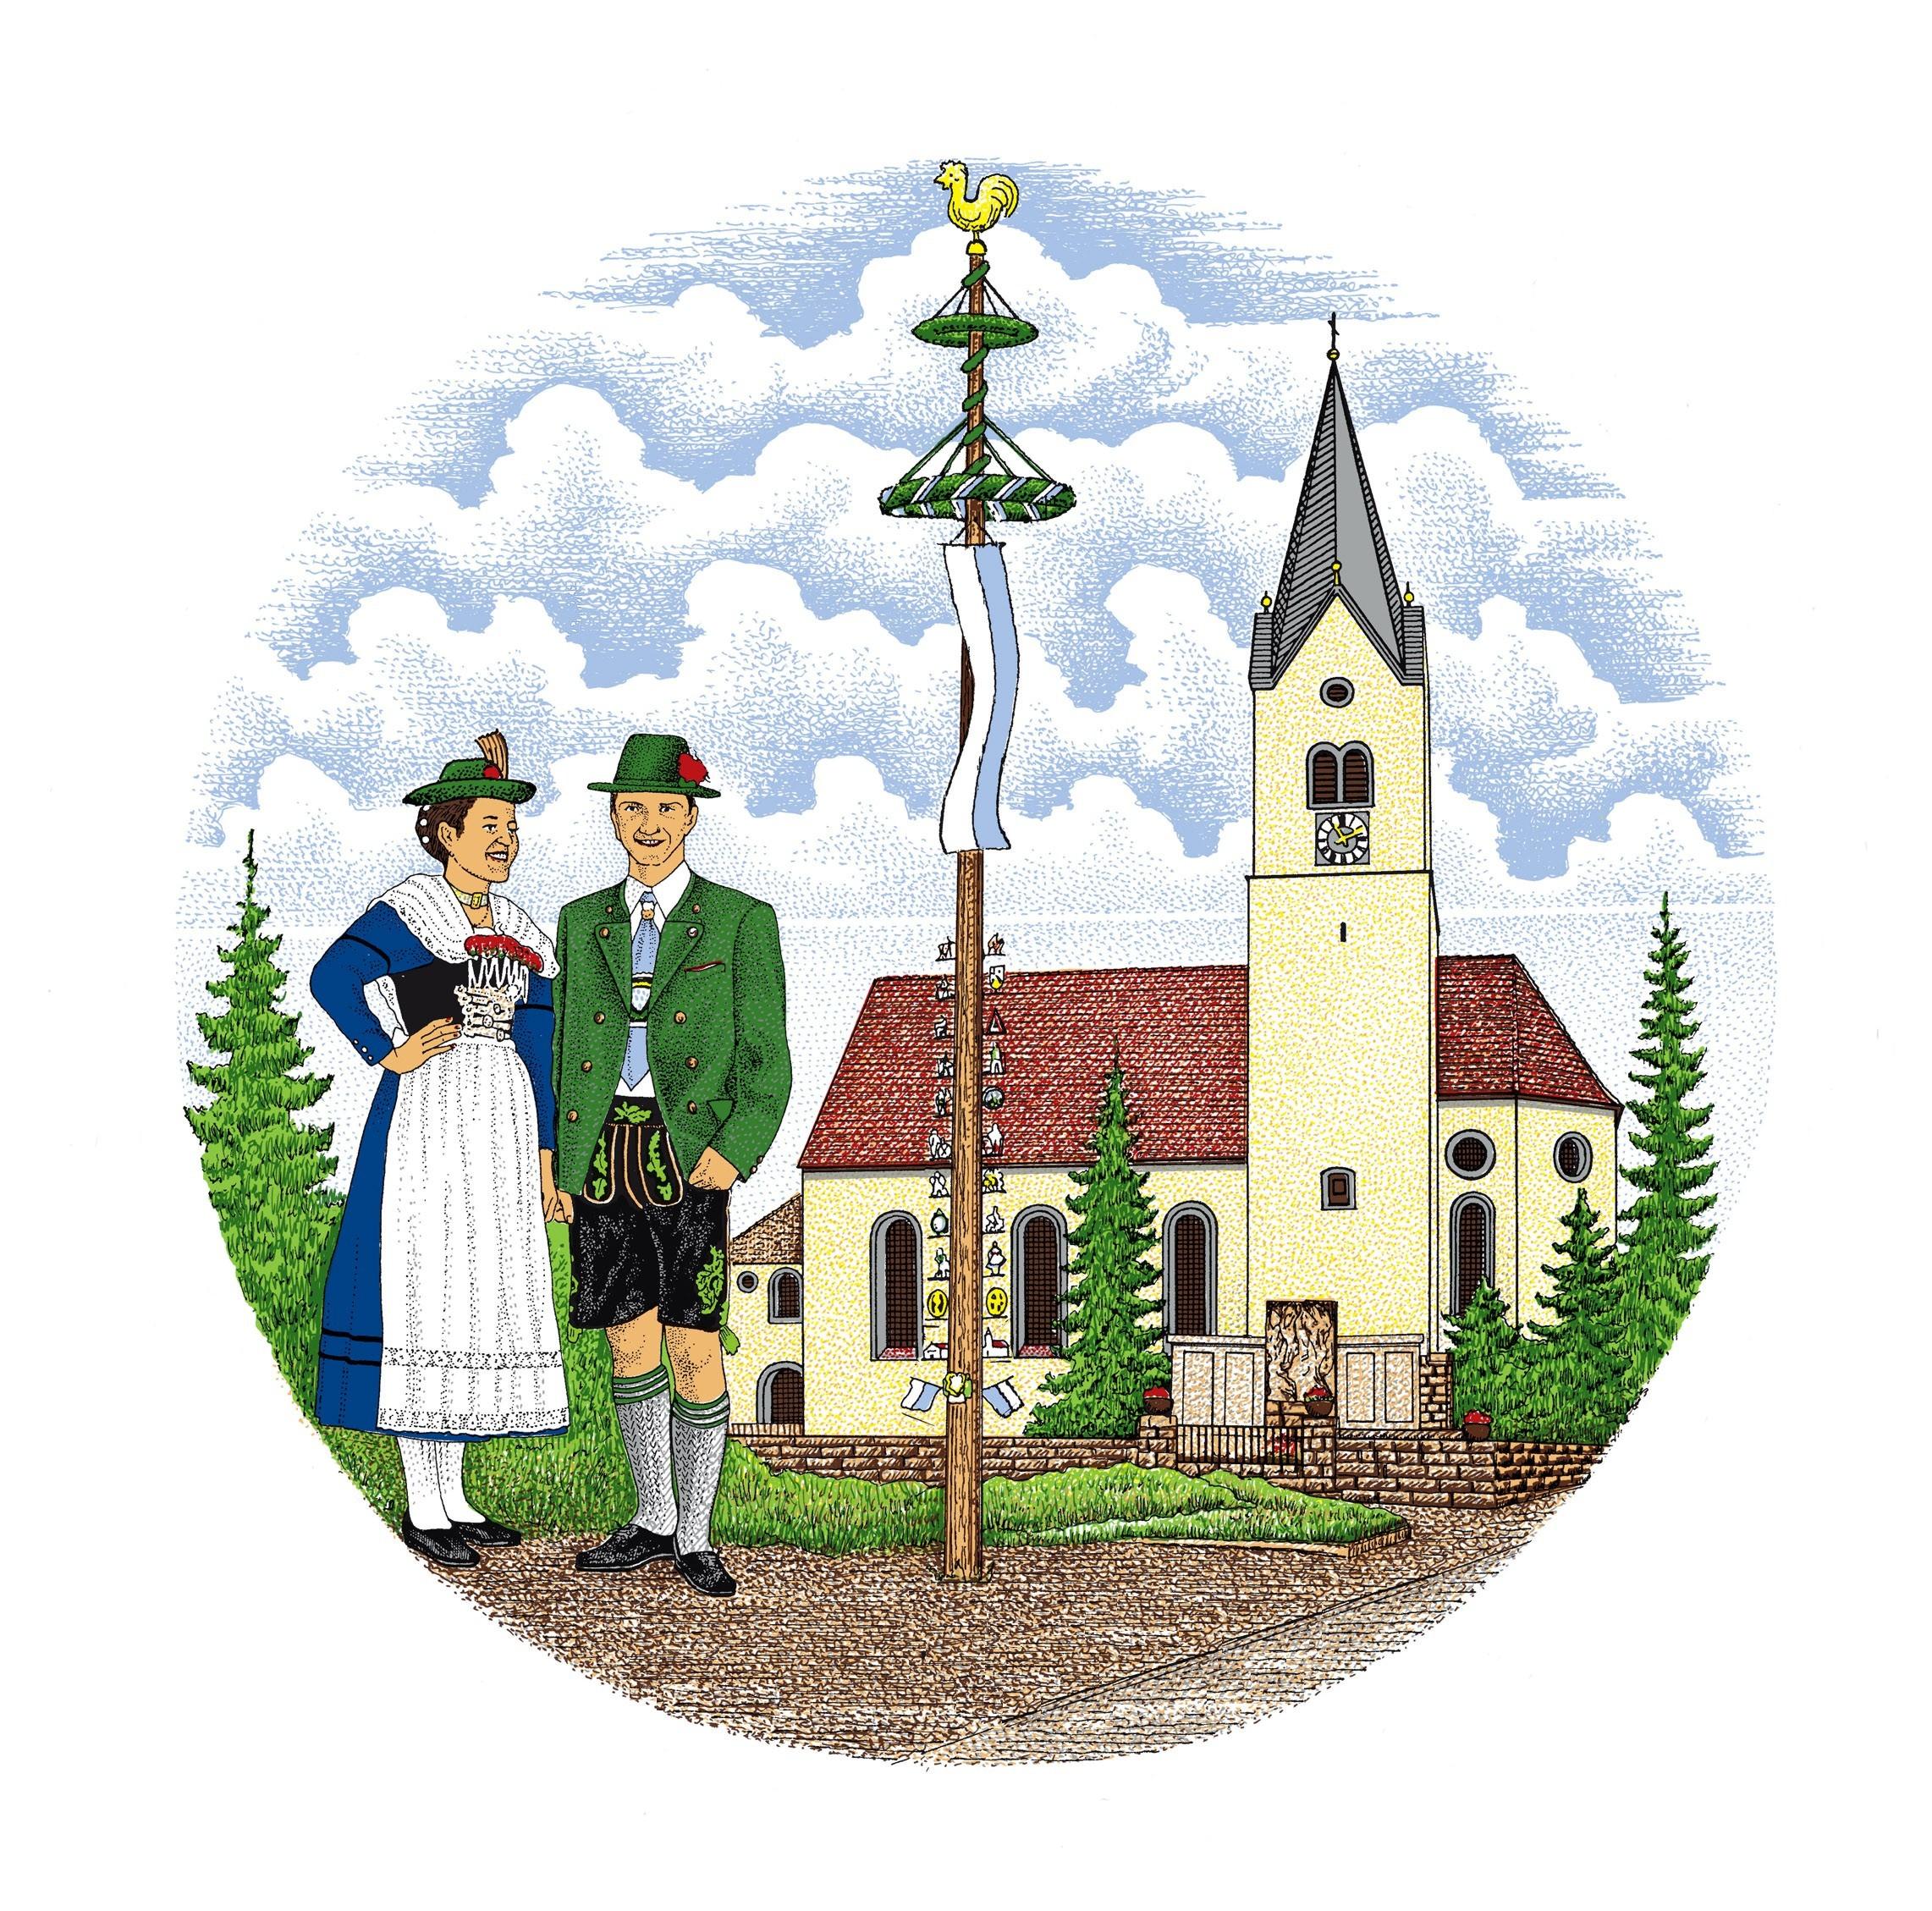 G.T.E.V. Kirchstoana - Sindelsdorf